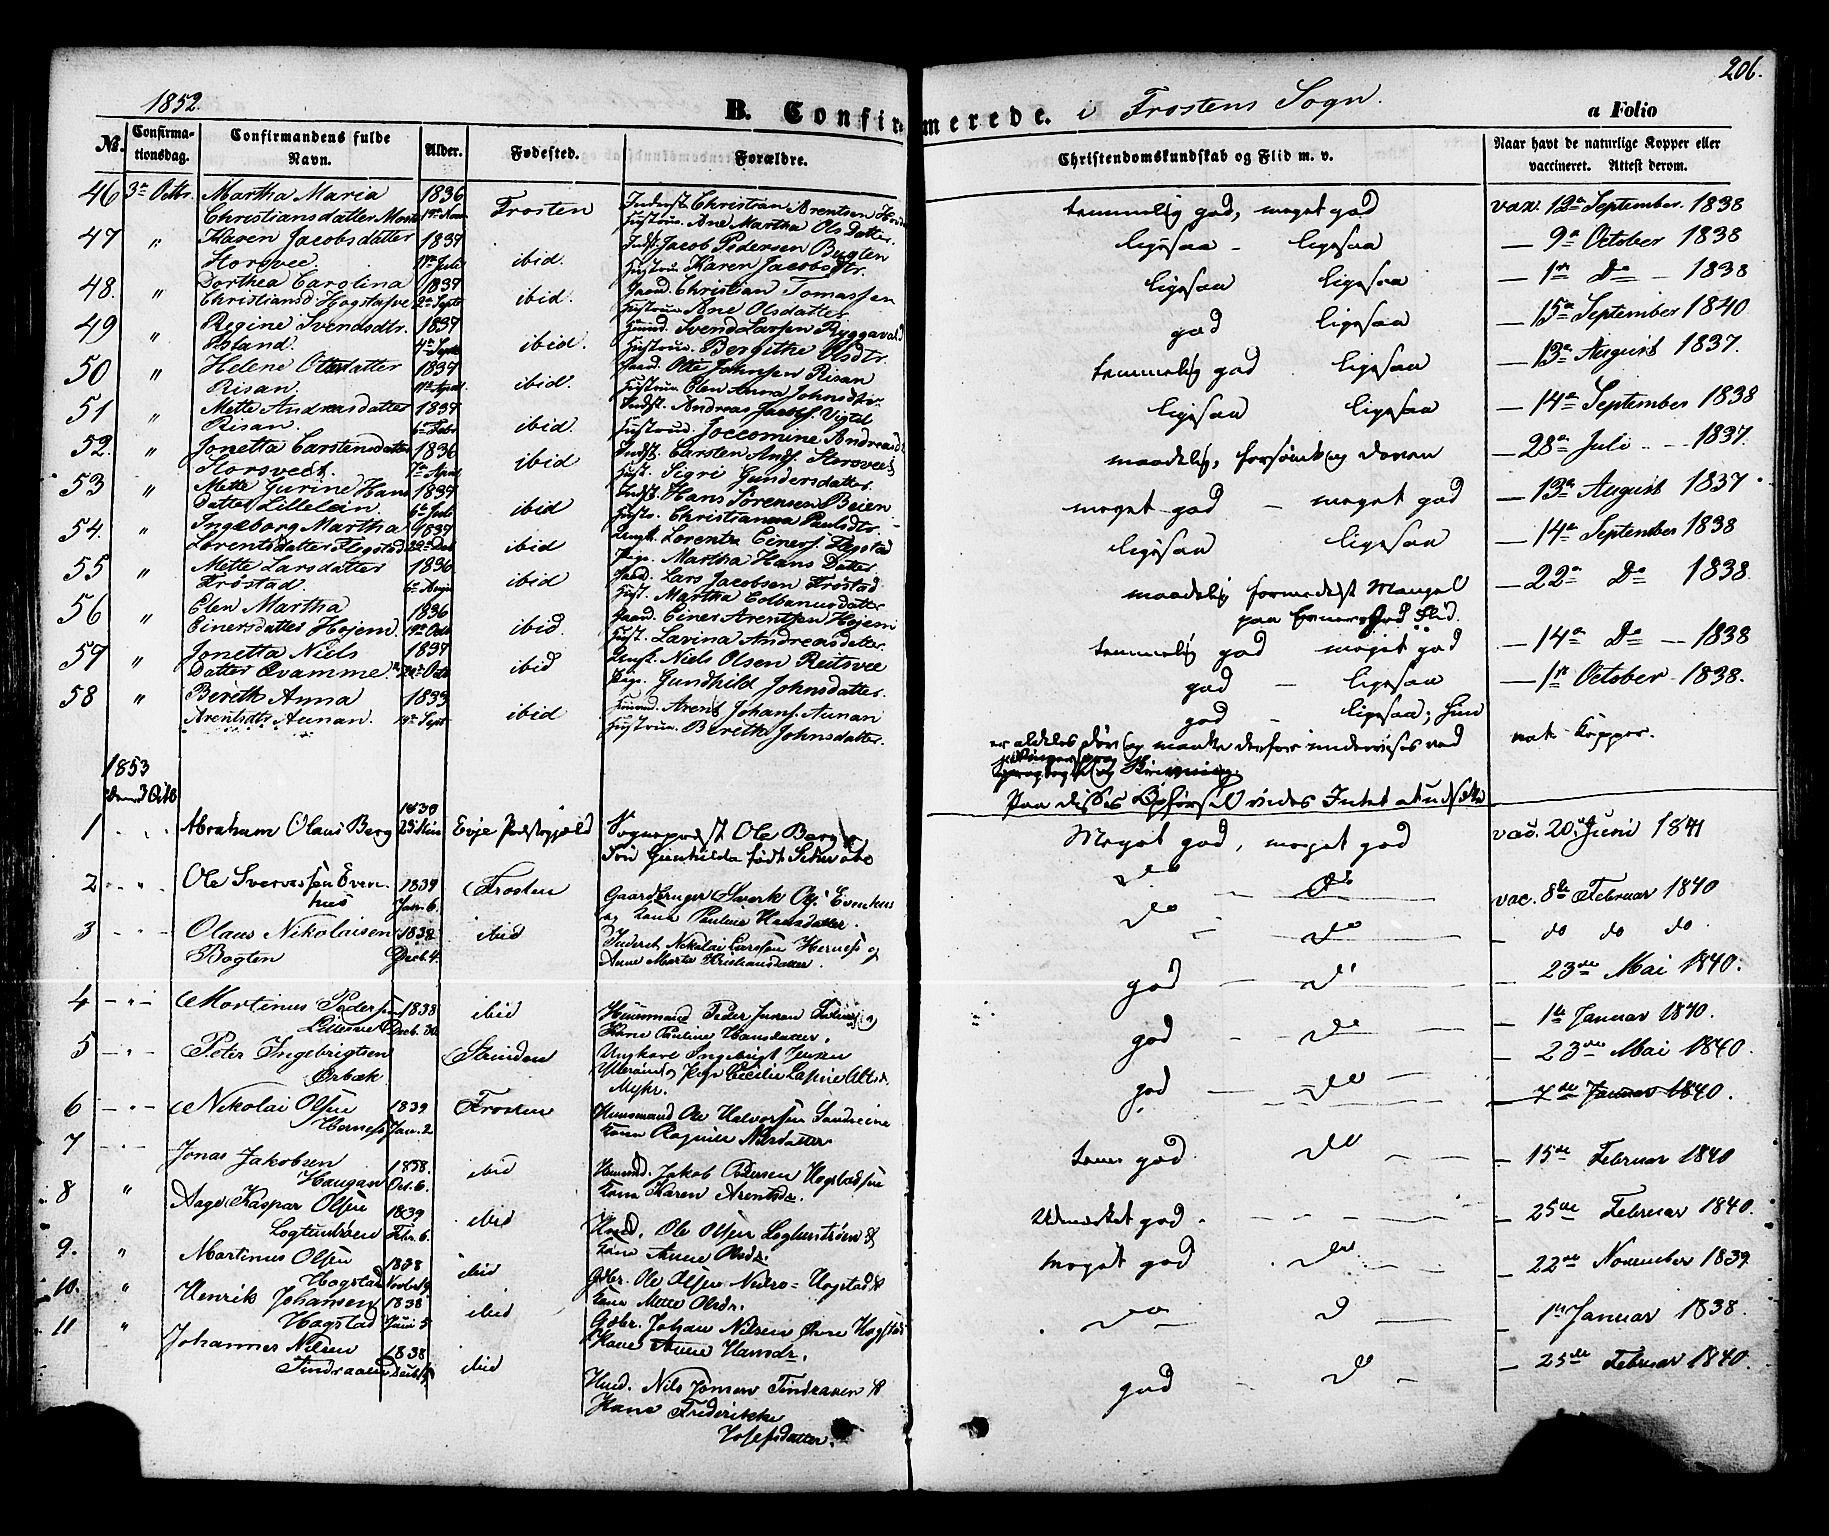 SAT, Ministerialprotokoller, klokkerbøker og fødselsregistre - Nord-Trøndelag, 713/L0116: Ministerialbok nr. 713A07 /1, 1850-1877, s. 206